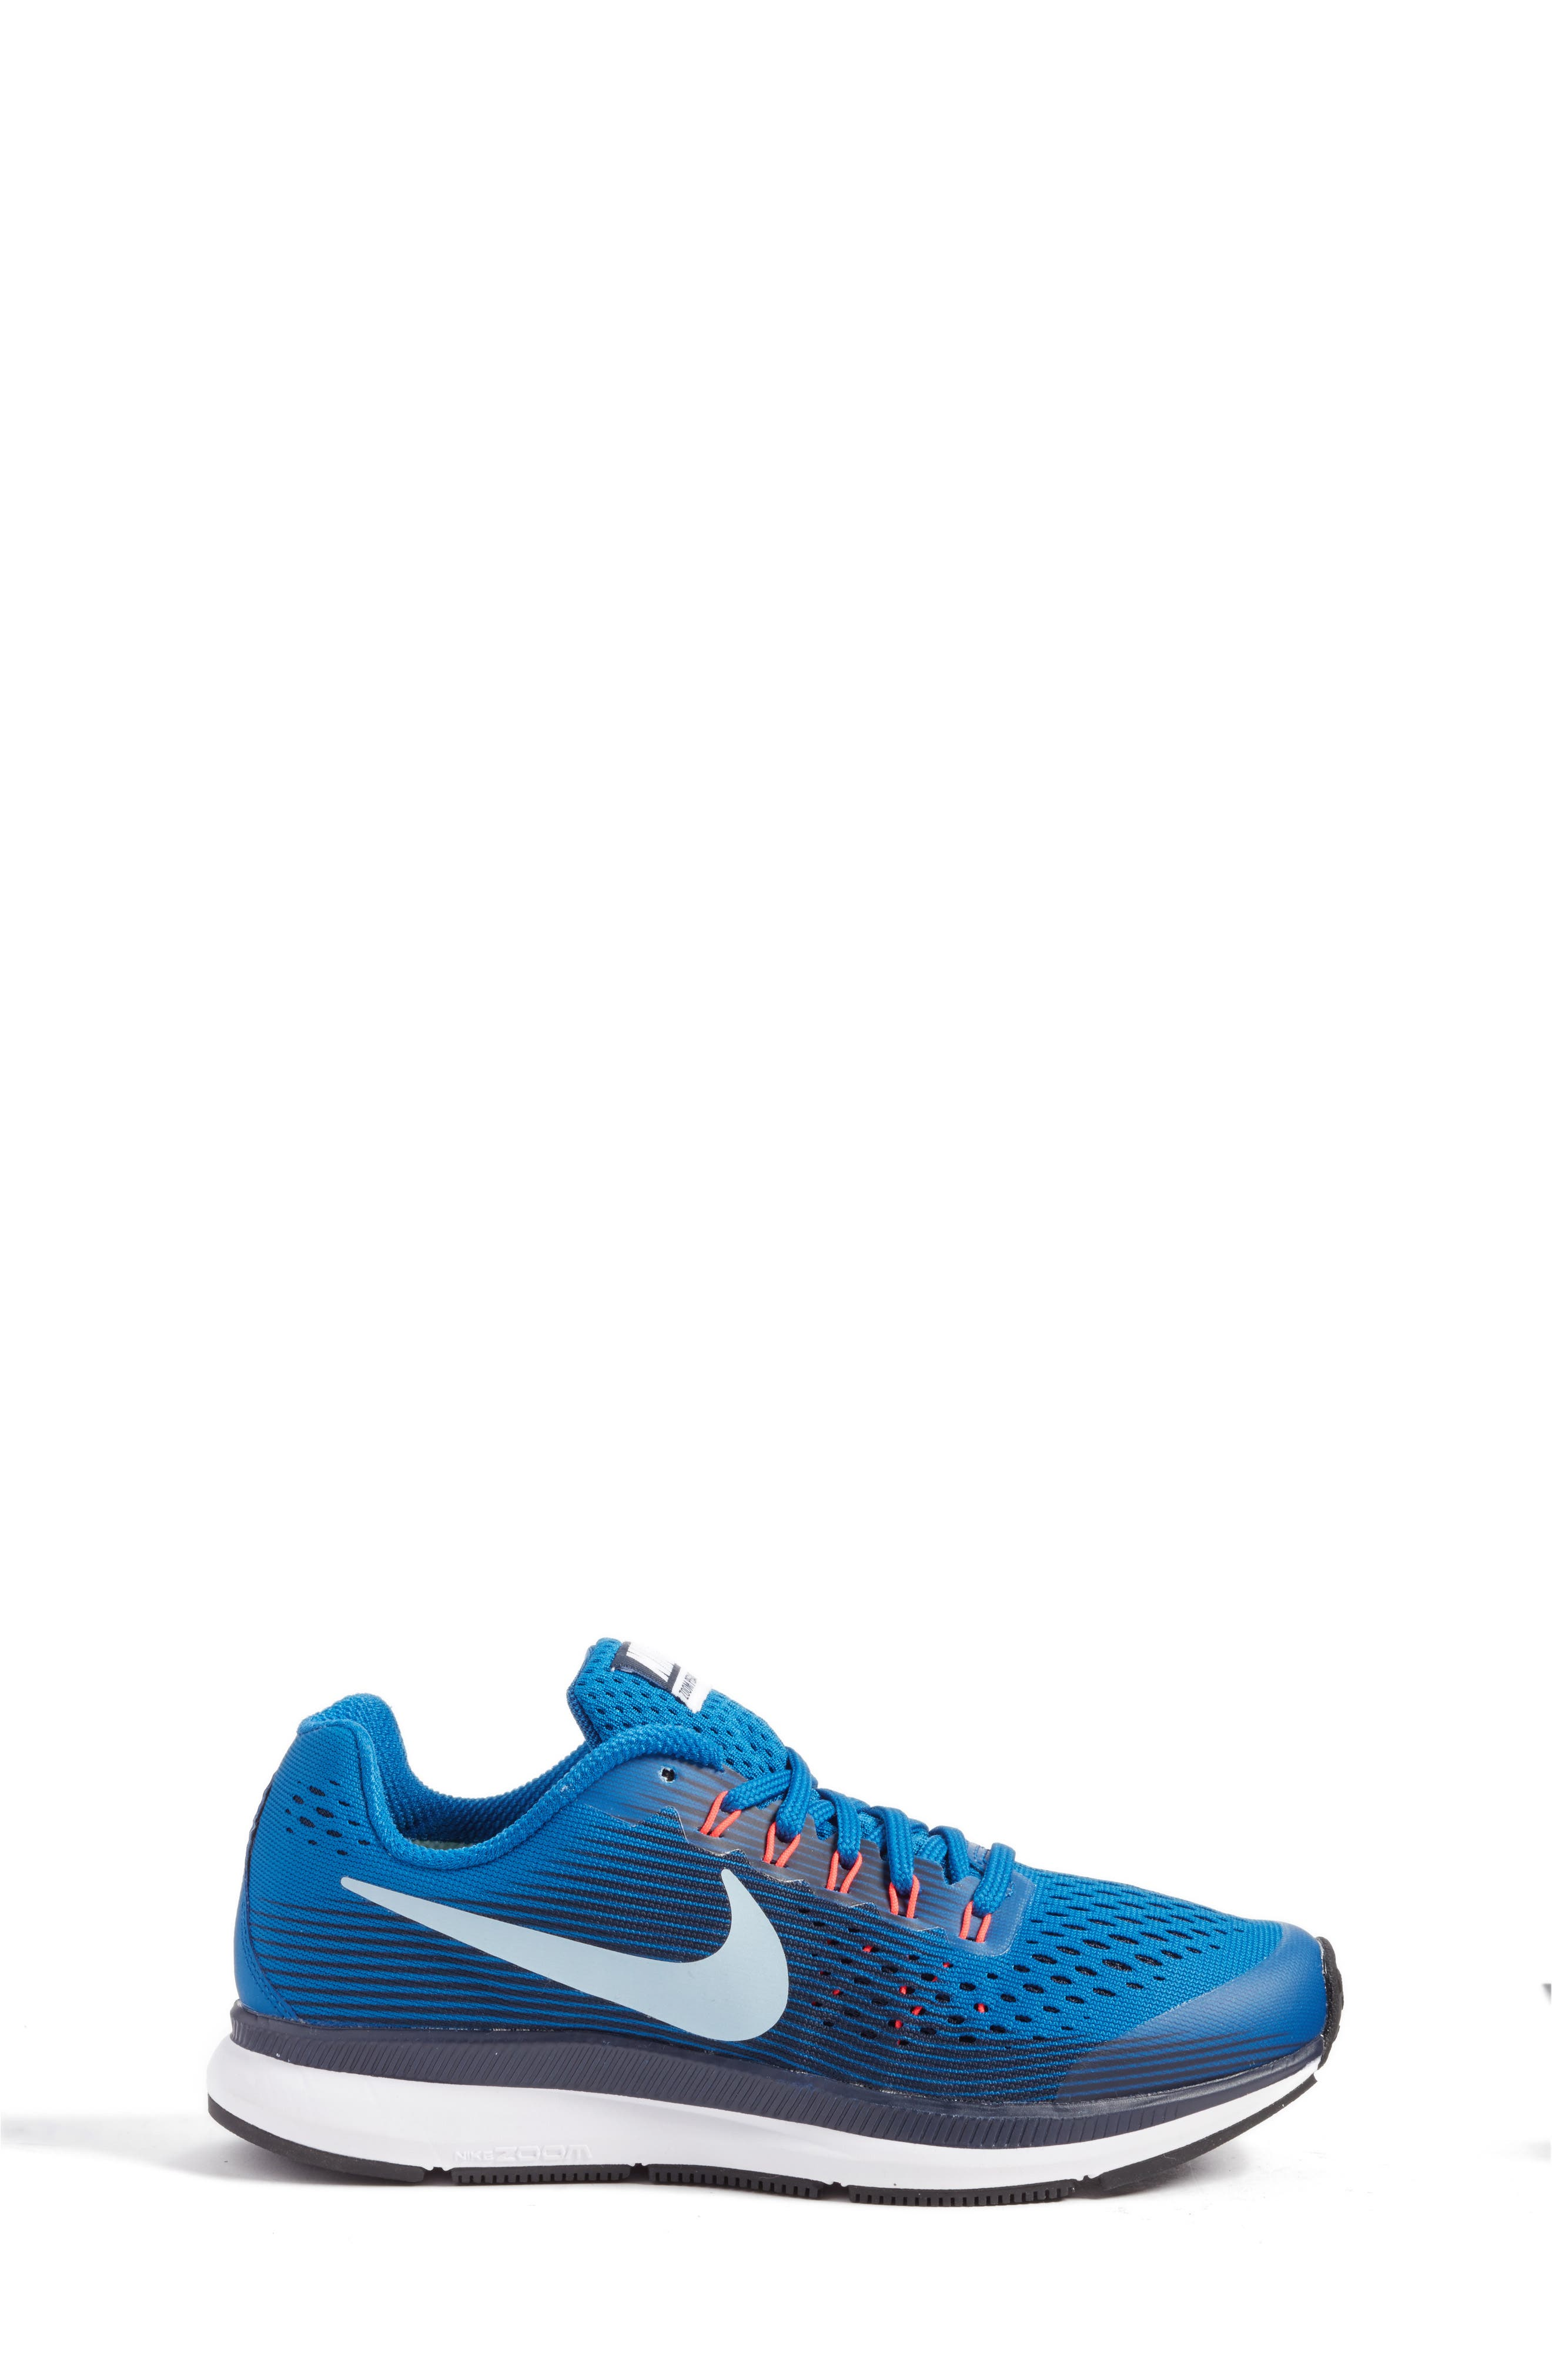 Zoom Pegasus 34 Sneaker,                             Alternate thumbnail 22, color,